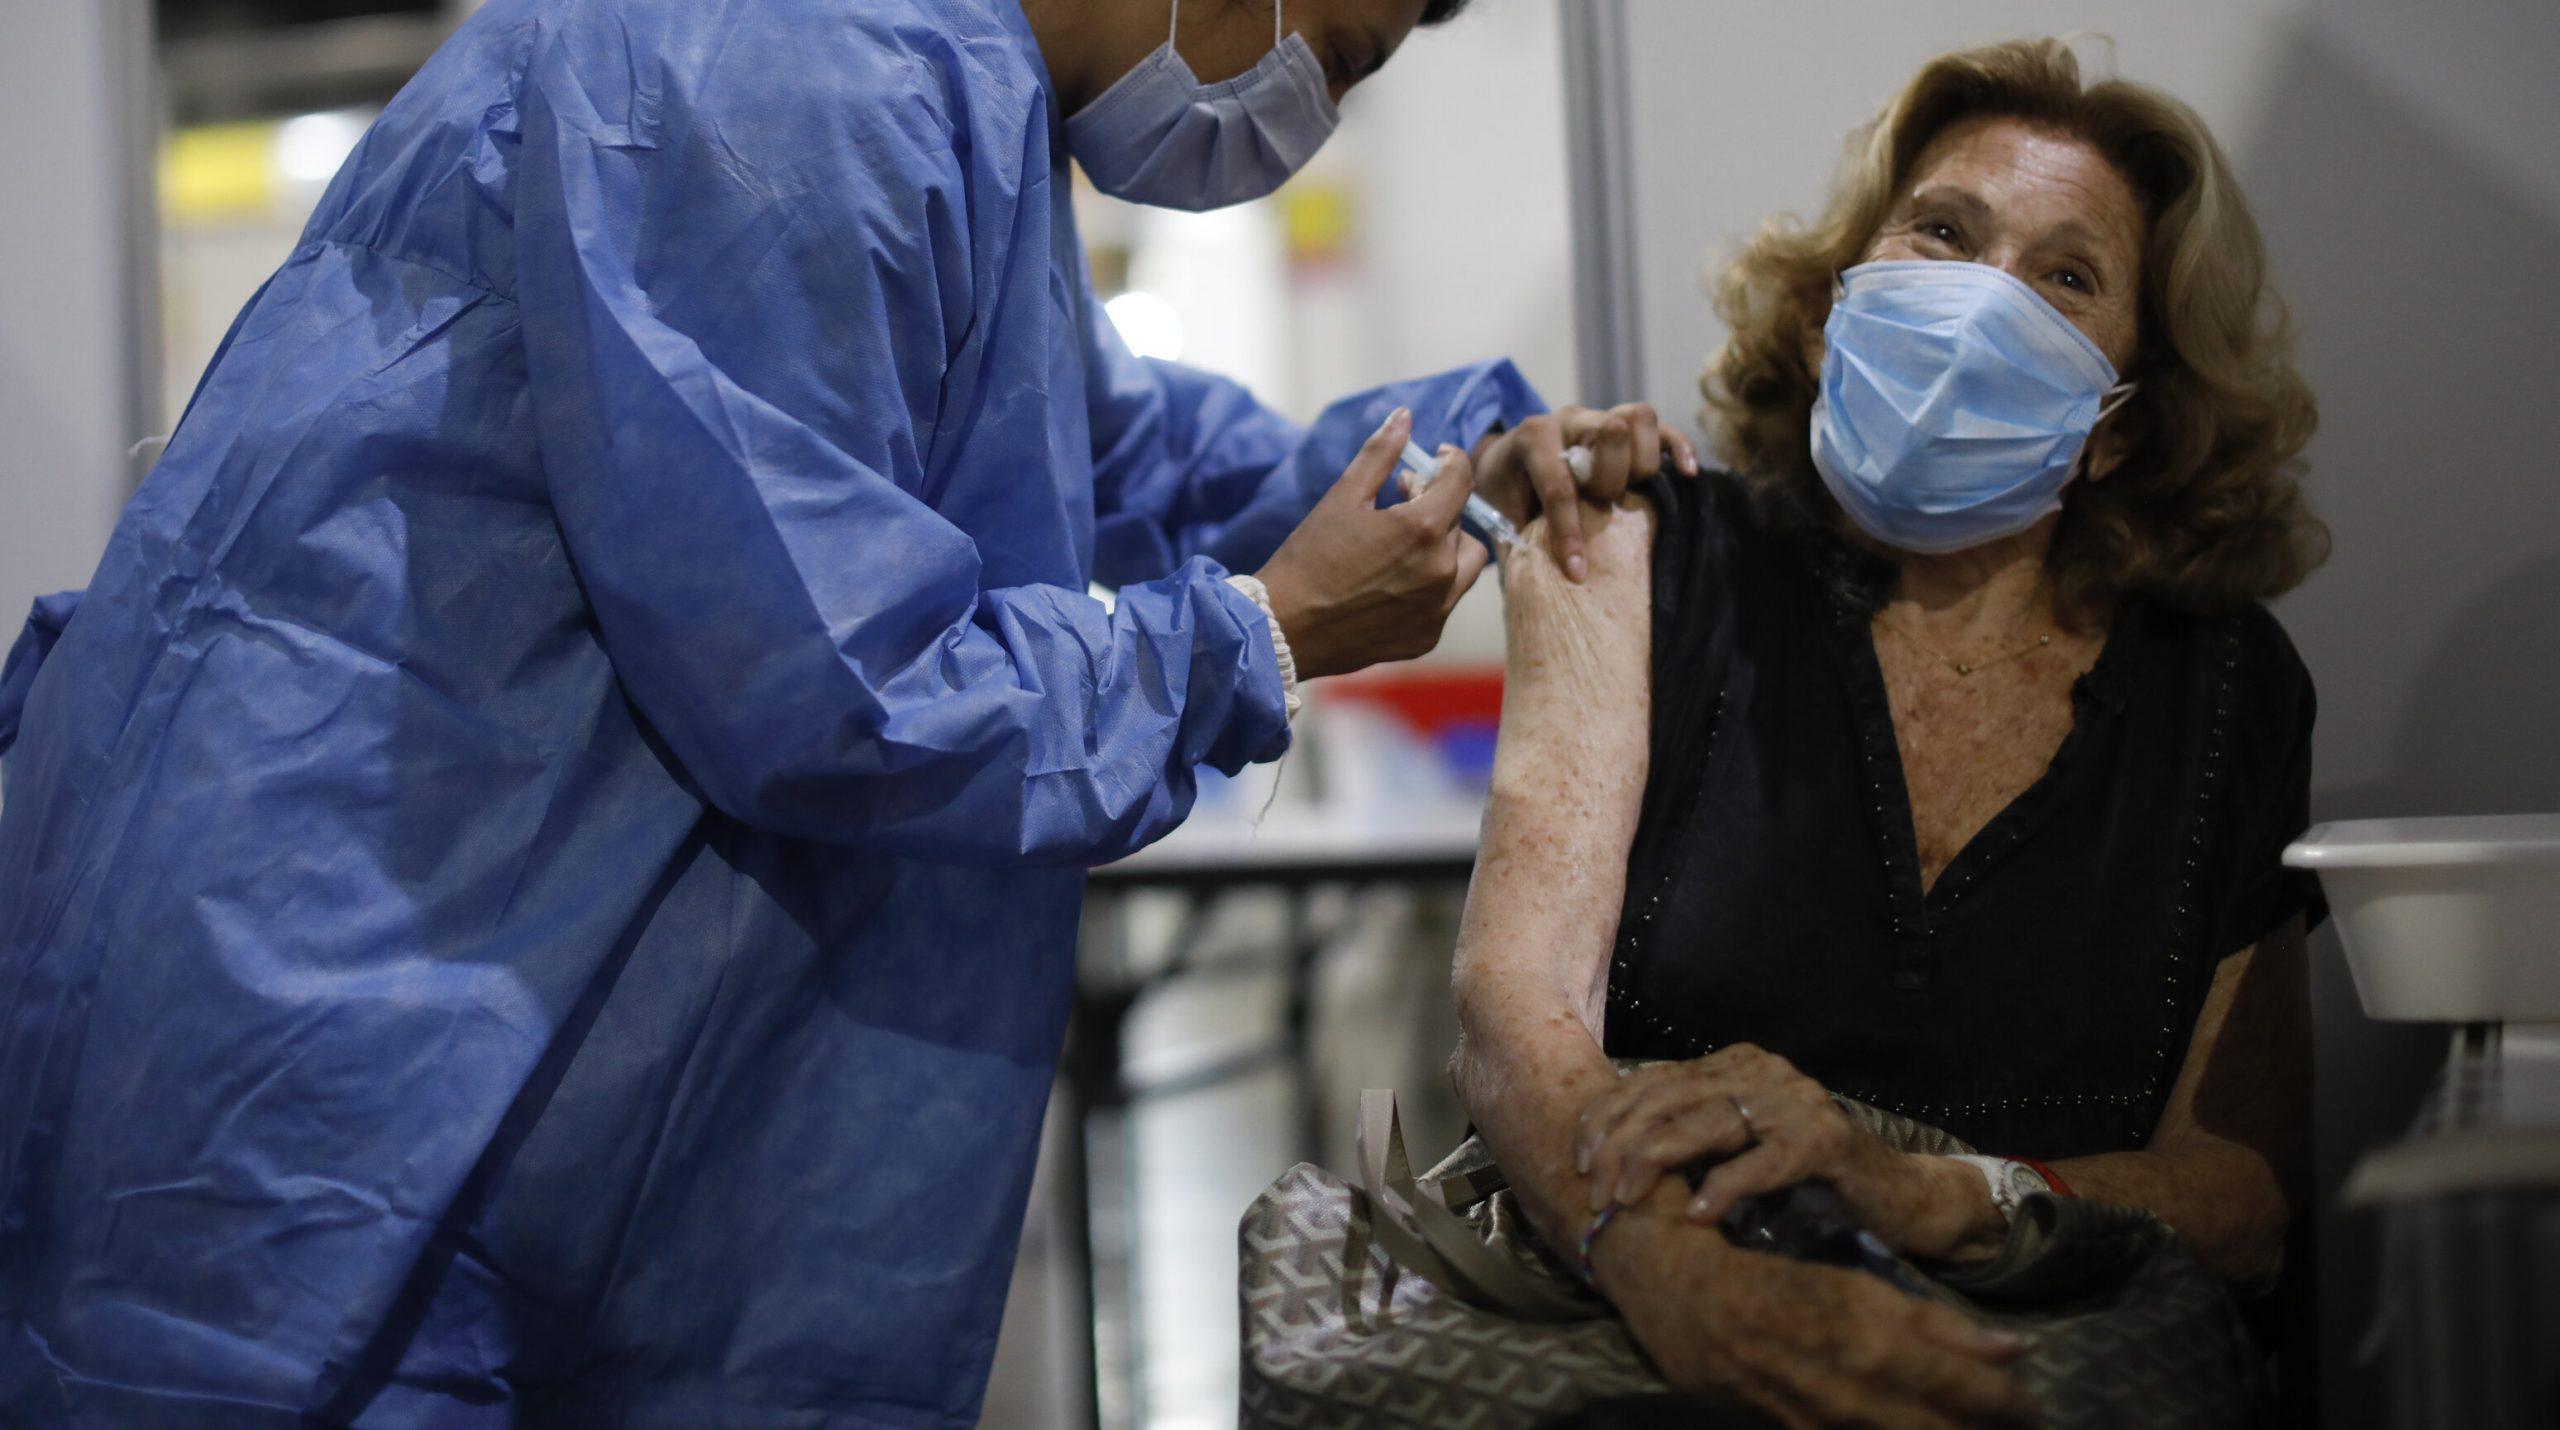 Vaccinul AstraZeneca este eficient și împotriva variantei braziliene, potrivit cercetărilor efectuate de Universitatea Oxford